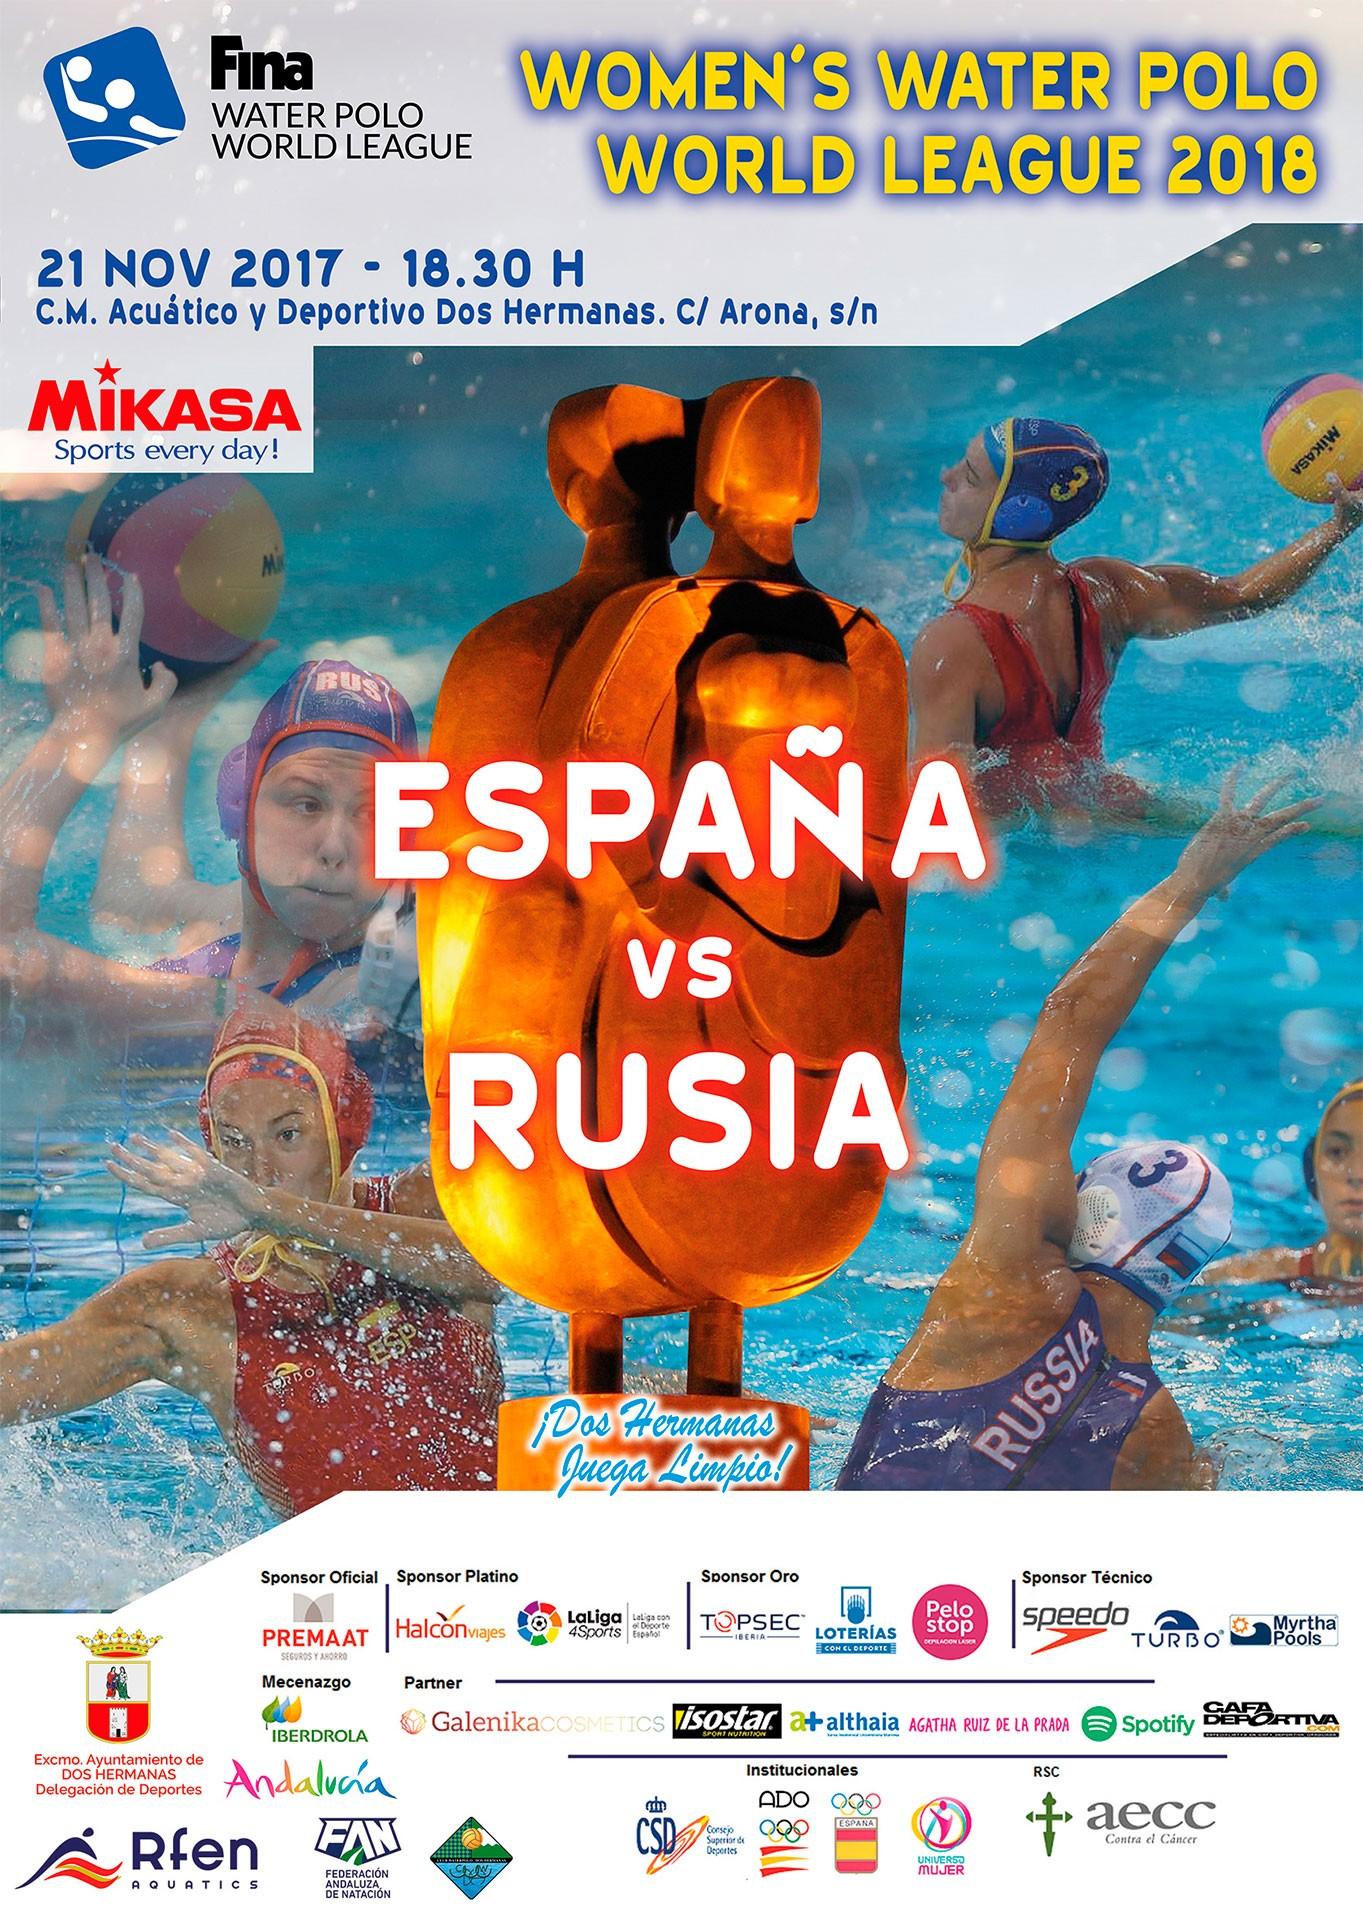 Imprimir Calendario De Rusia 2019 Más Recientes Partido Waterpolo Femenino Espa±a Rusia Of Imprimir Calendario De Rusia 2019 Más Actual Eur Lex R3821 En Eur Lex